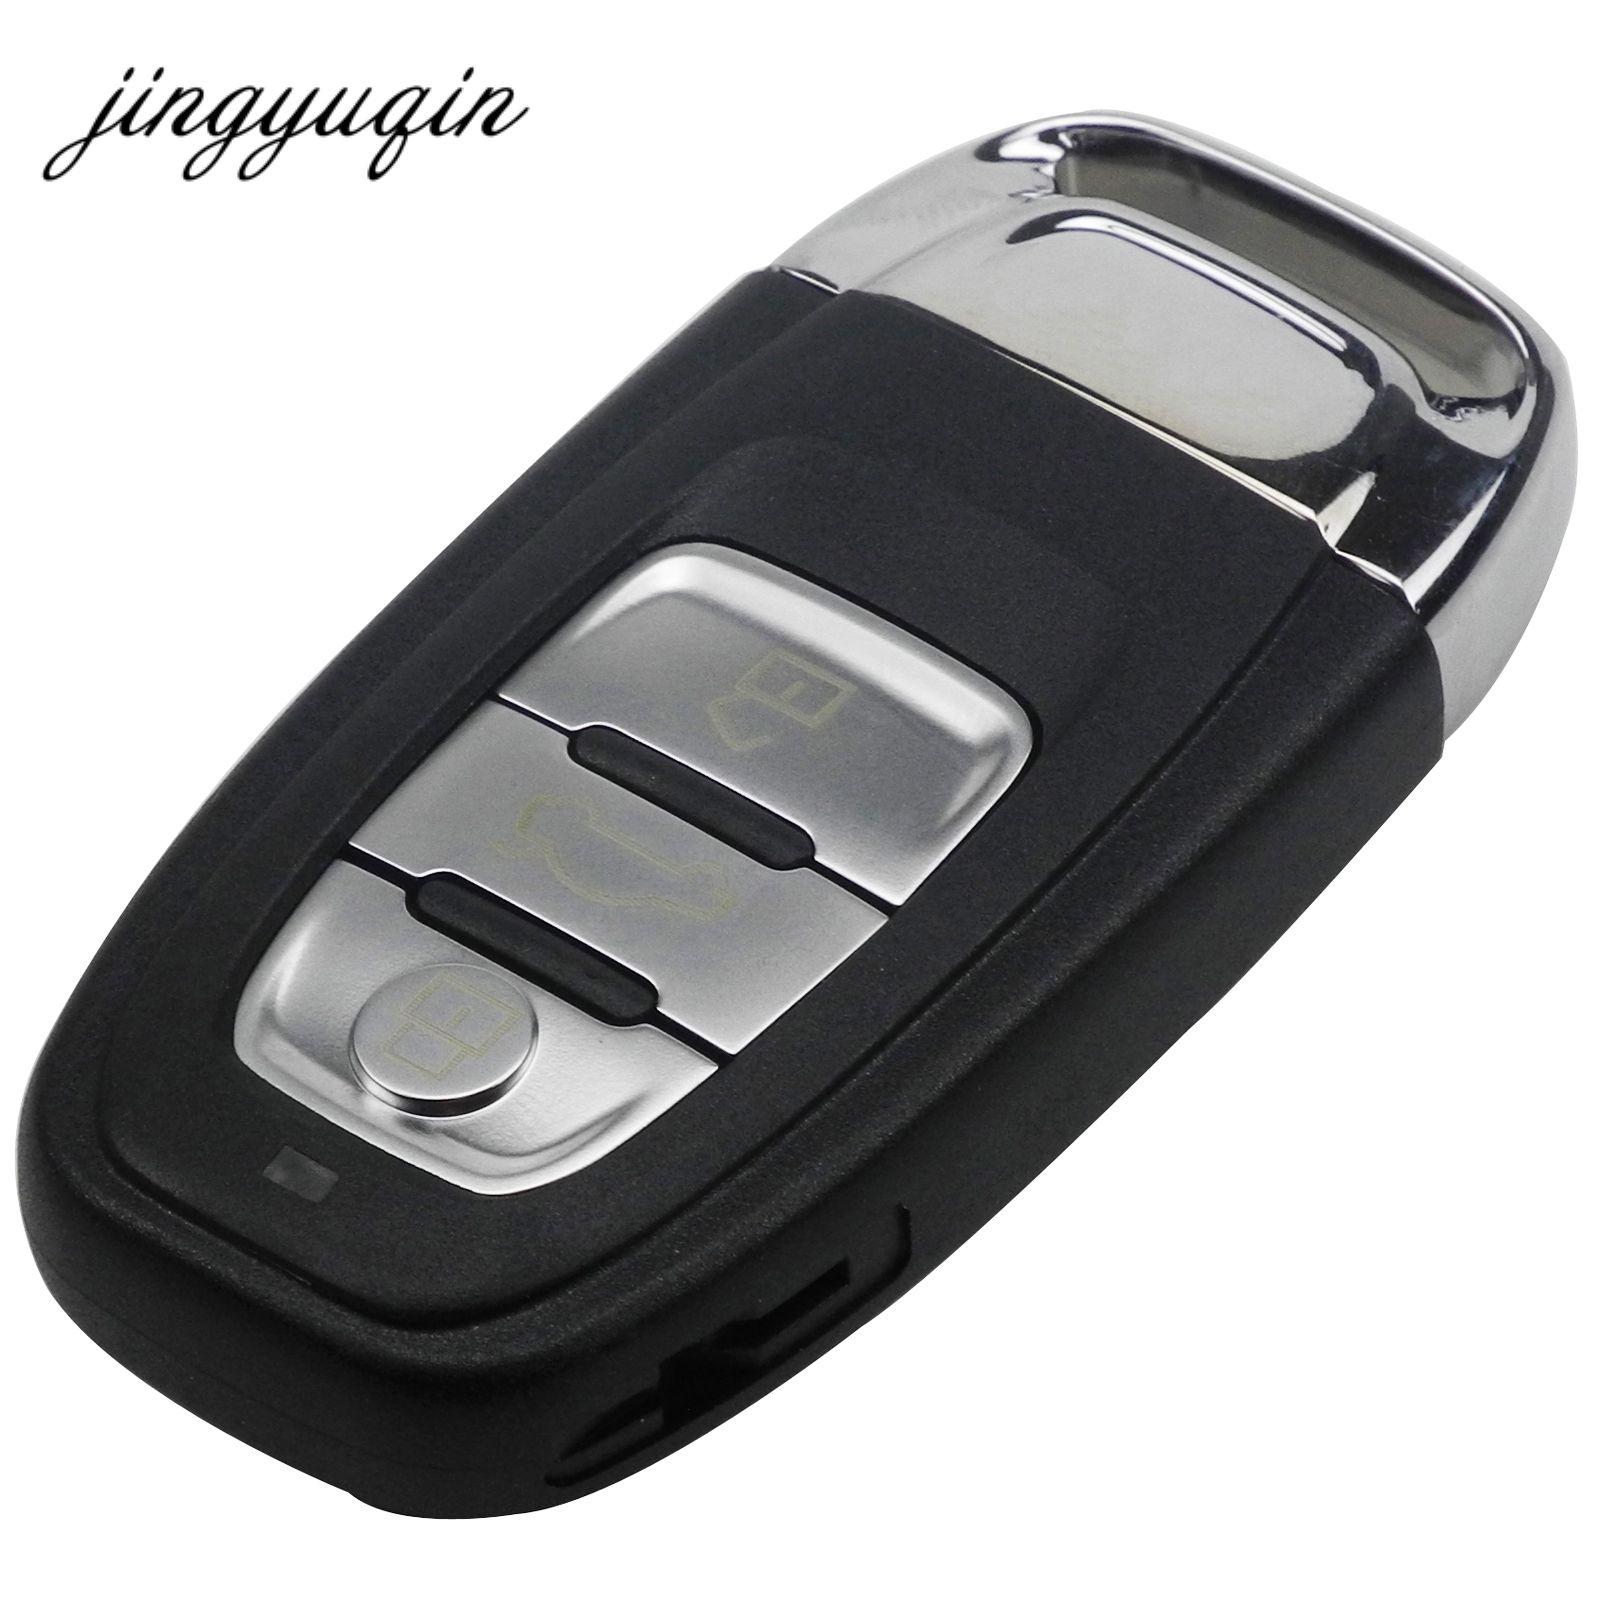 3 кнопки Smart Remote Оболочки + вставить небольшой Болванки для ключей для Audi A4L A6L A5 Q5 RS5 Q5 Quattro случае ключ без логотипа